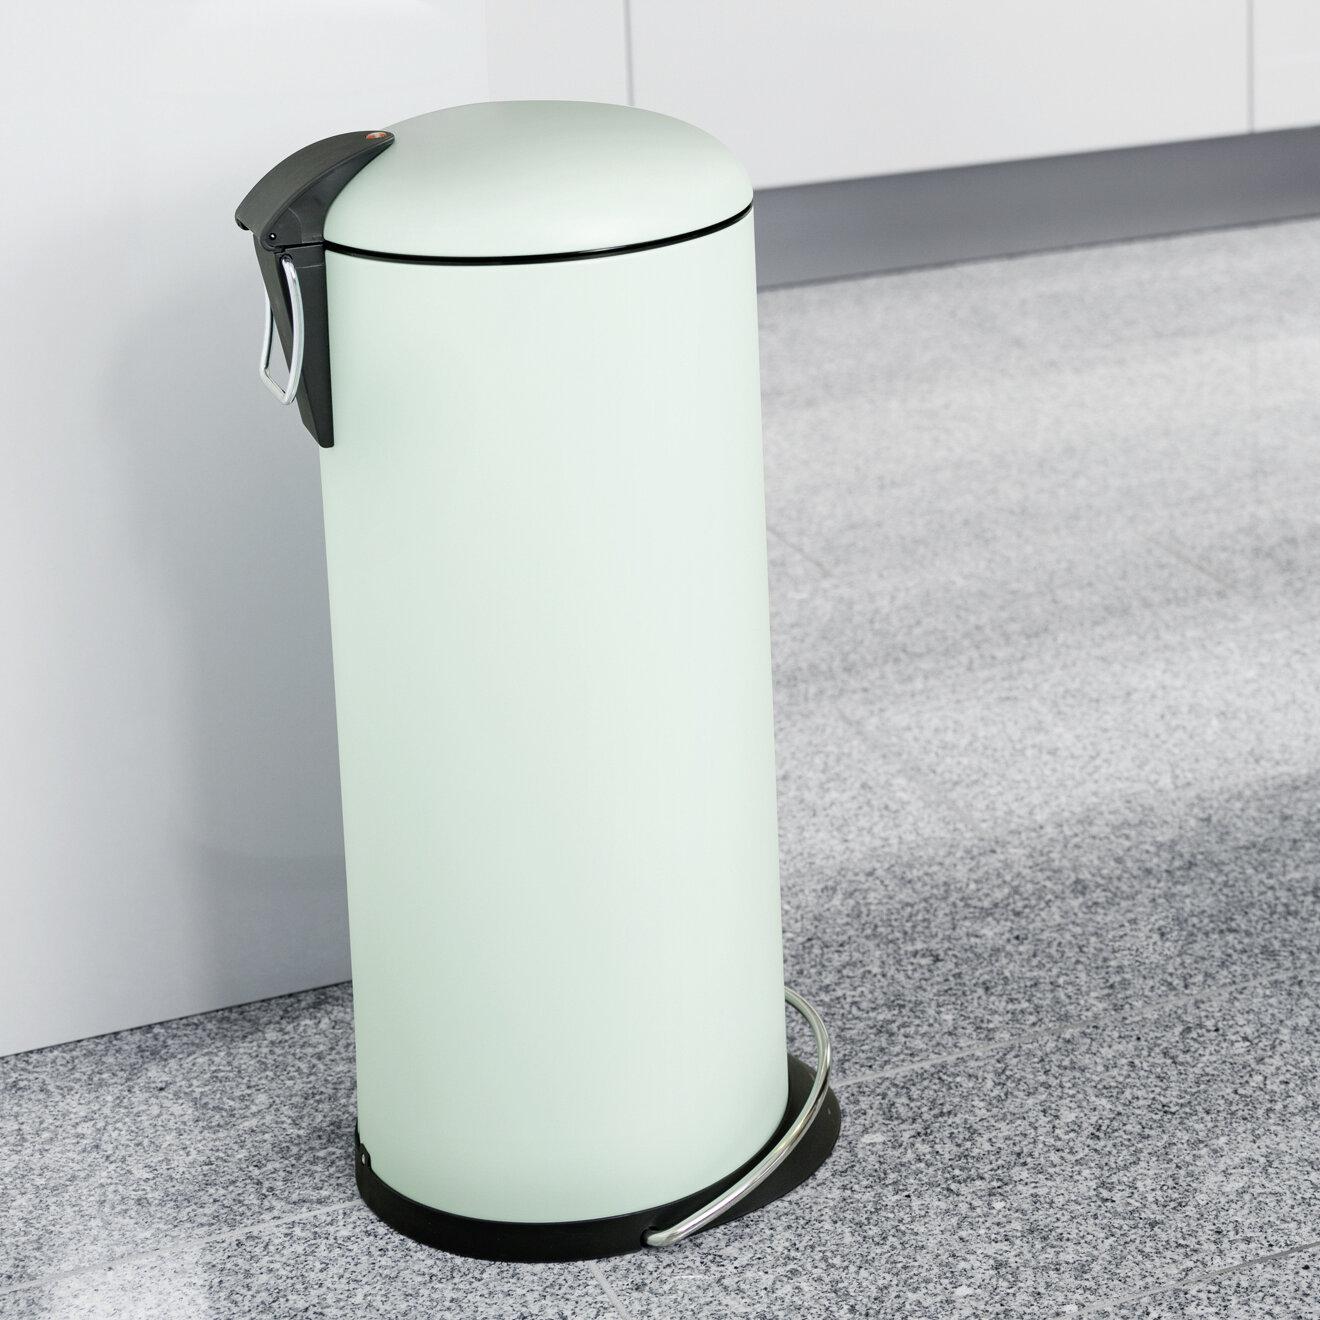 Hailo 24 L Mülleimer Top Design aus Metall   Wayfair.de